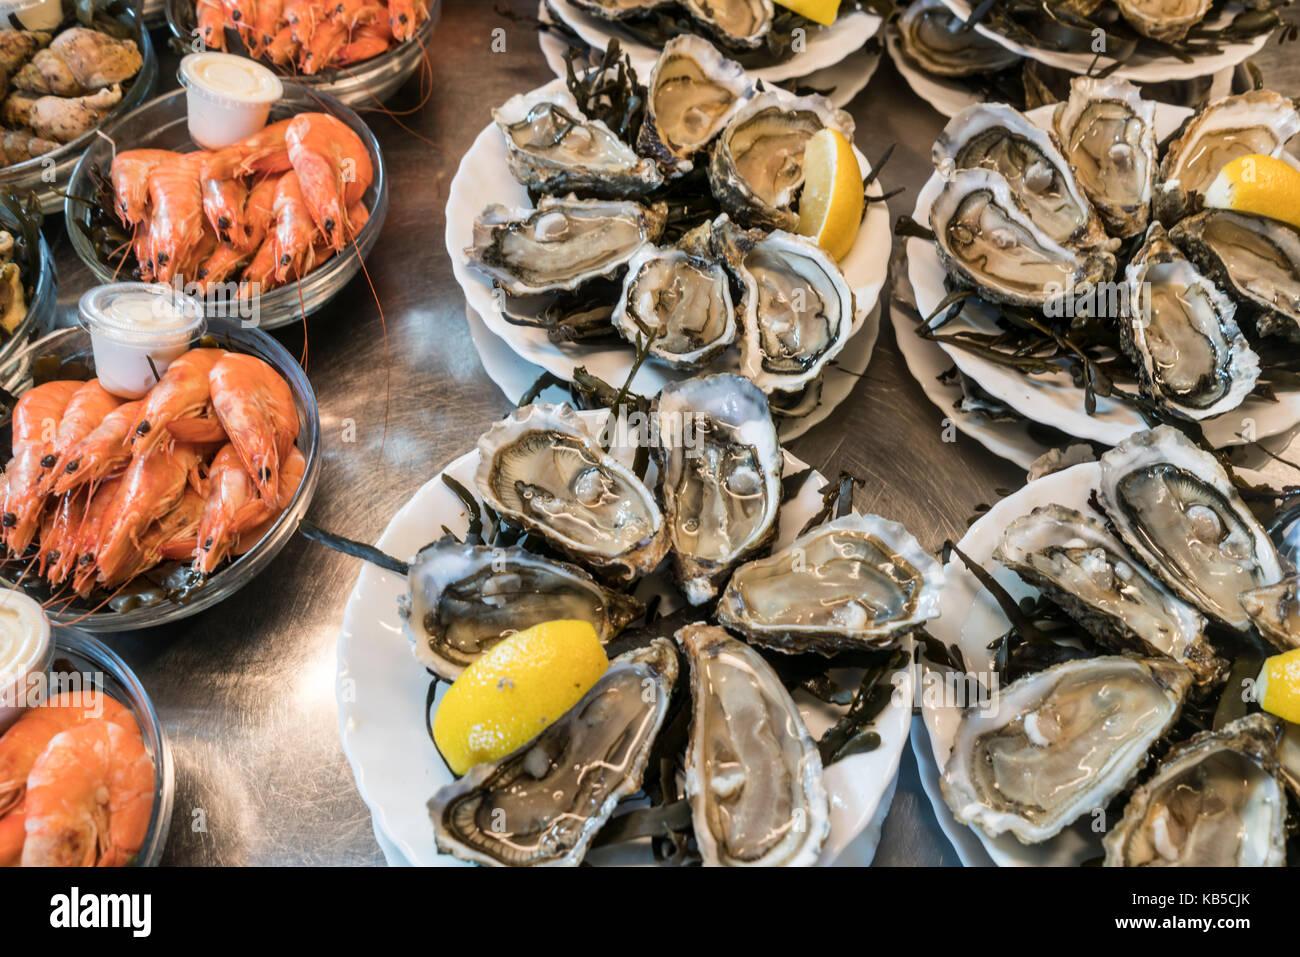 Oyster, shrimps, Marche de Capucins, Bordeaux, France - Stock Image